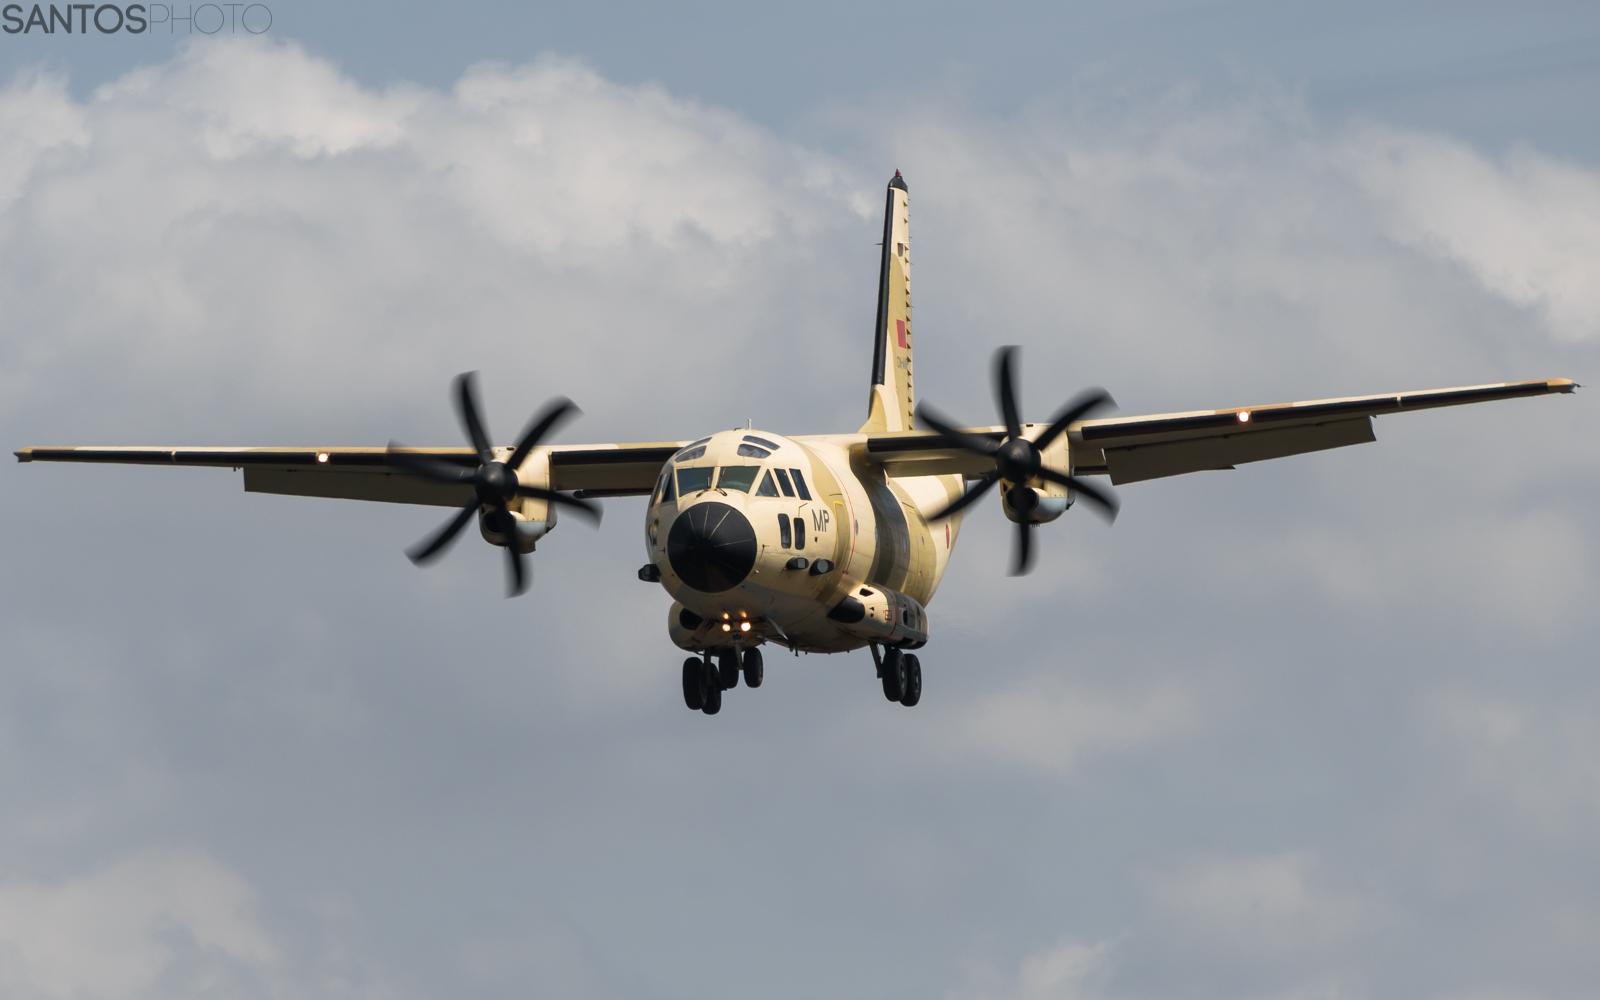 FRA: Photos d'avions de transport - Page 37 46390915234_4686193e28_h